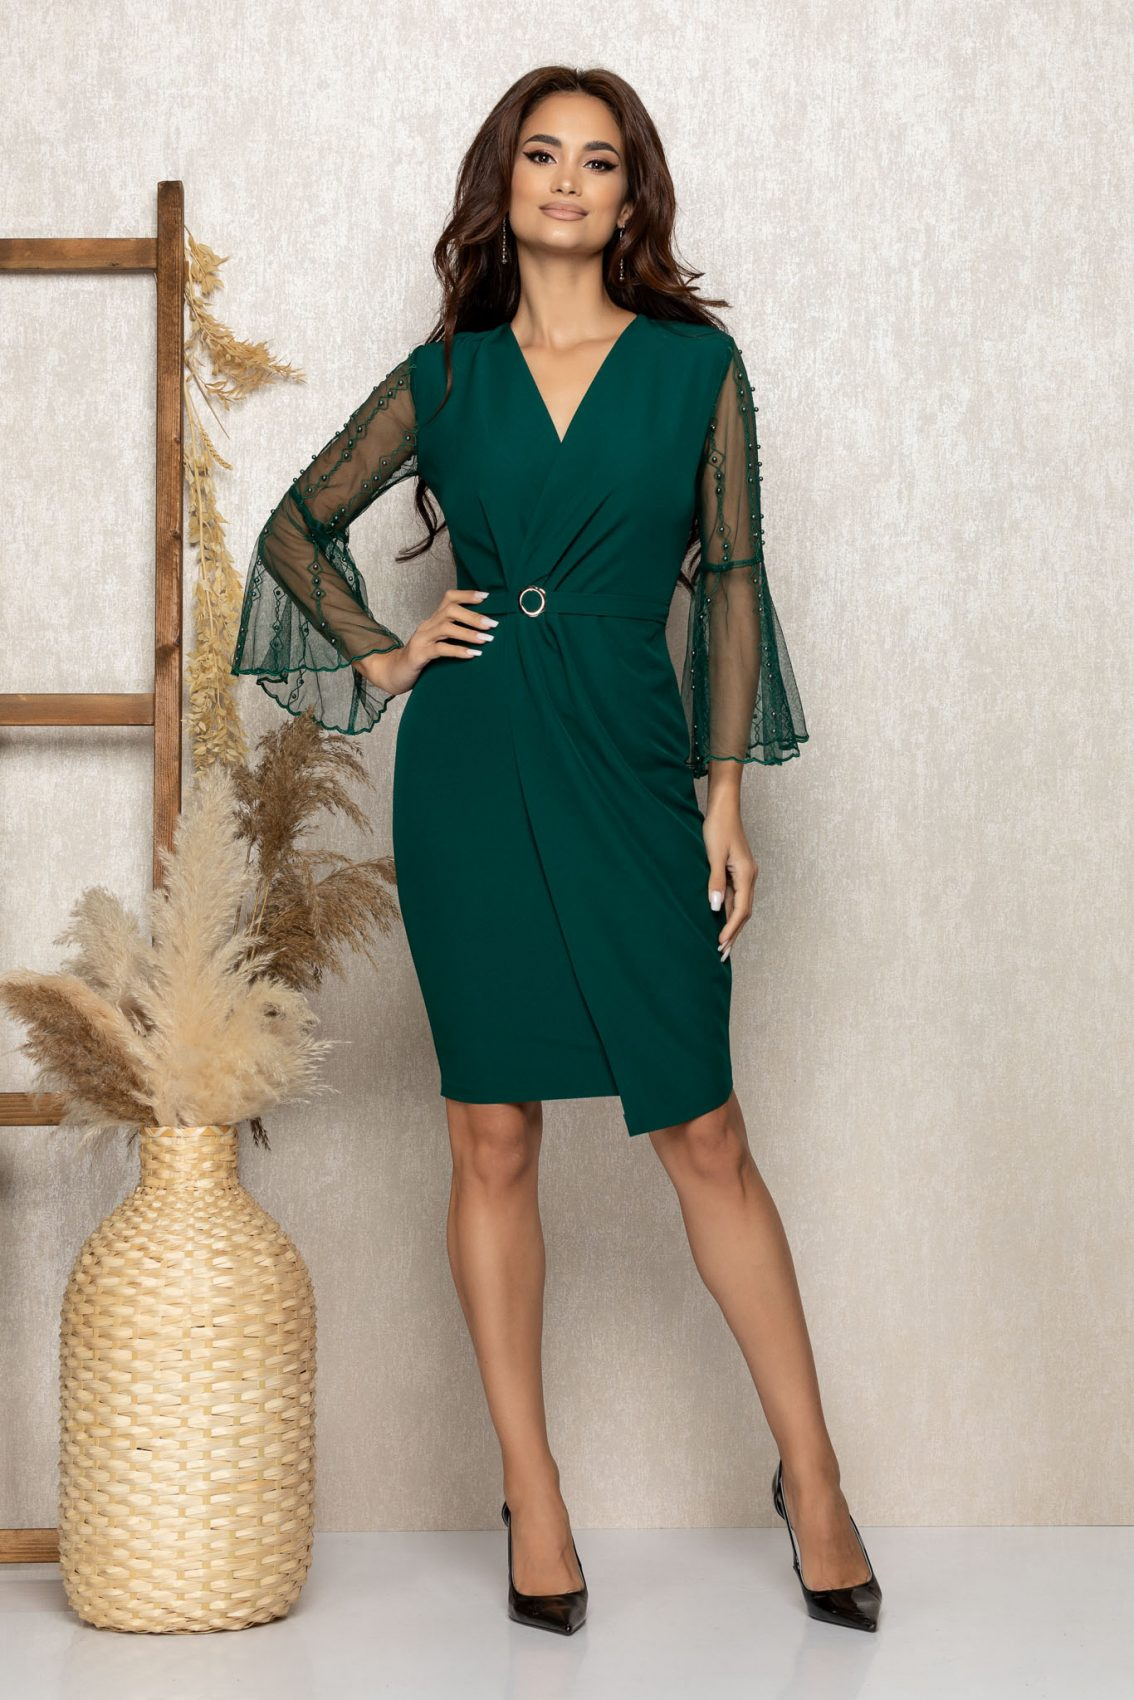 Πράσινο Κρουαζέ Βραδινό Φόρεμα Ynna T263 1